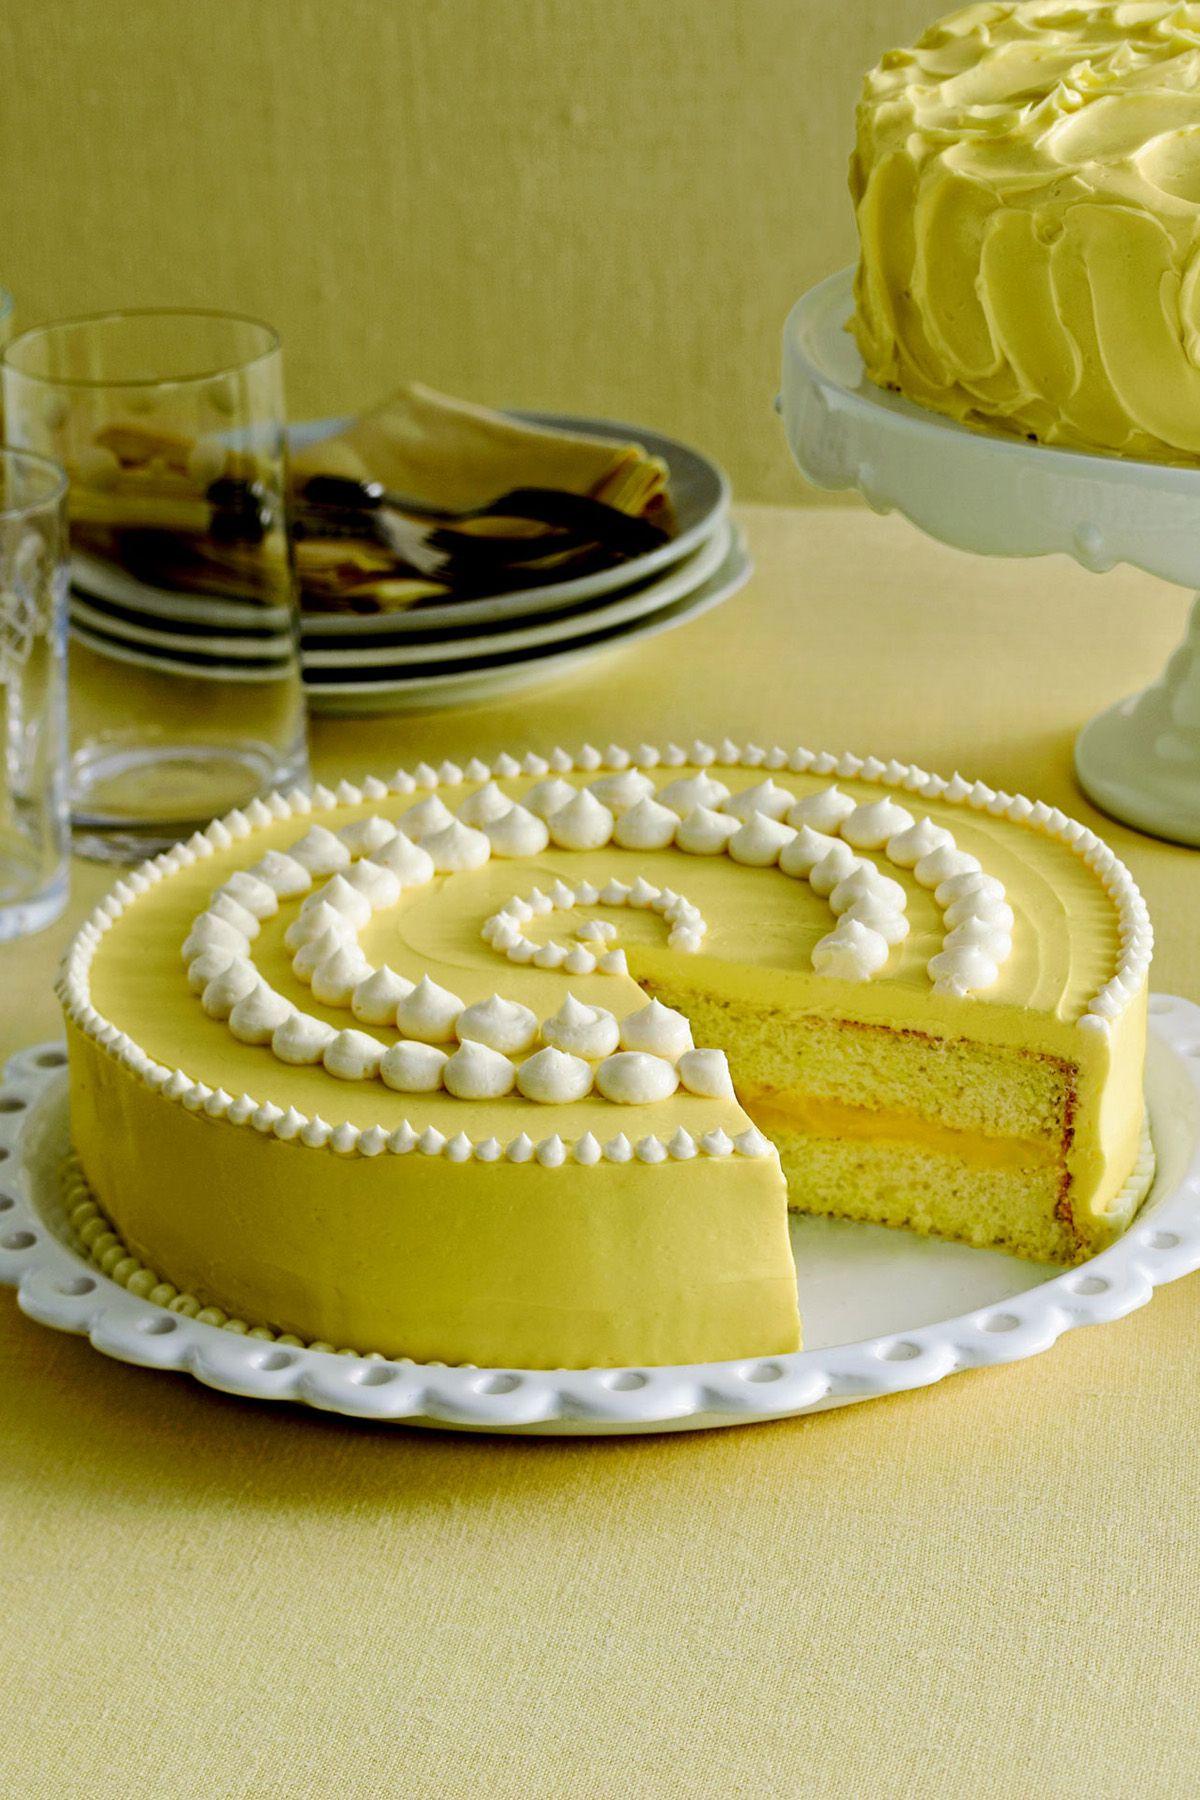 65 Best Homemade Cake Recipes